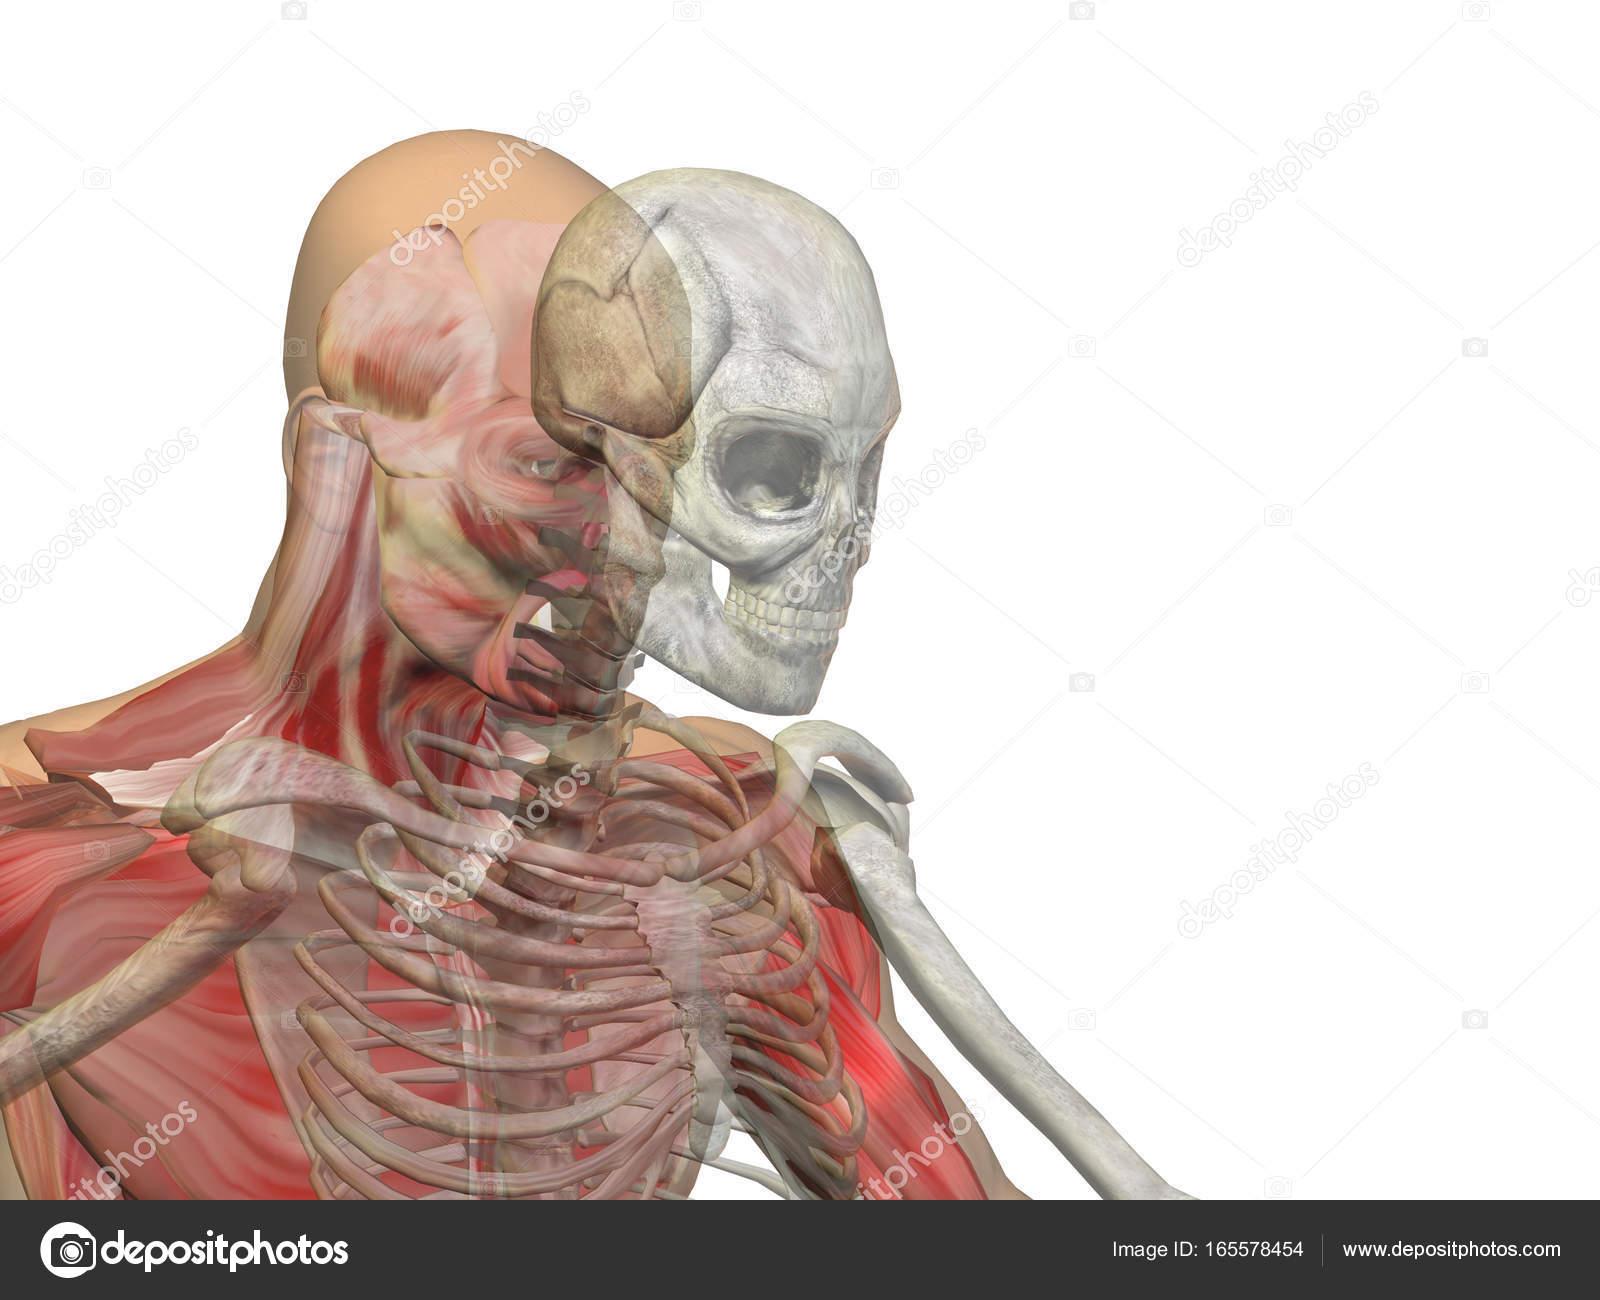 Anatomía concepto 3d ilustración de hombre humano salud cuerpo del ...